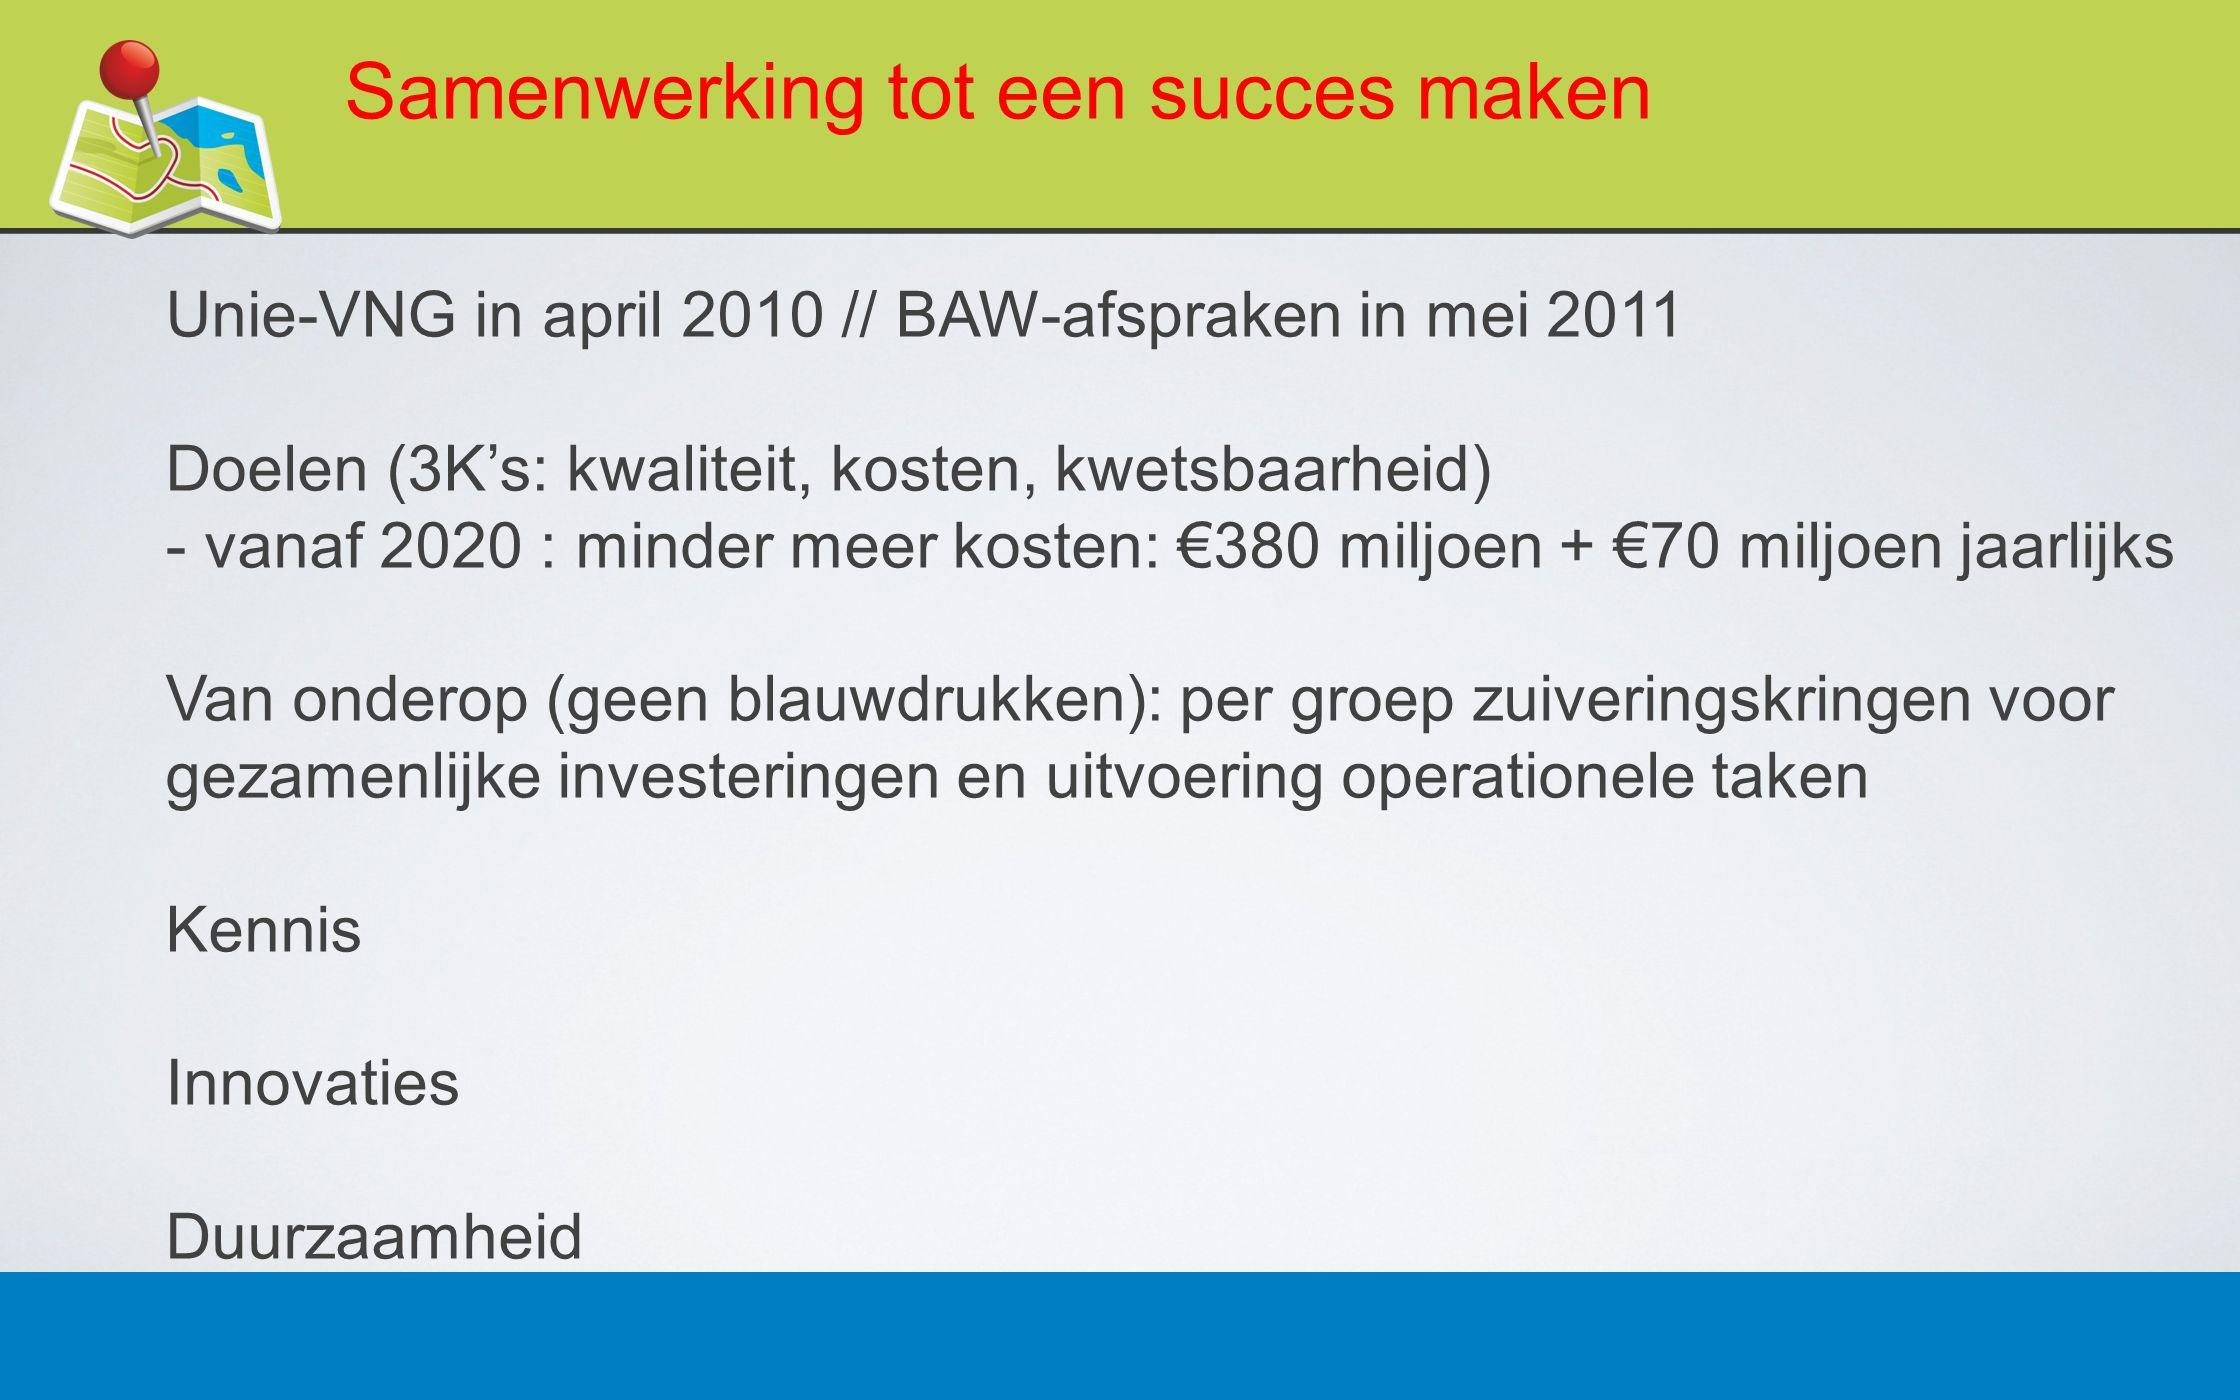 27 februari 20134 Samenwerking tot een succes maken Unie-VNG in april 2010 // BAW-afspraken in mei 2011 Doelen (3K's: kwaliteit, kosten, kwetsbaarheid) - vanaf 2020 : minder meer kosten: €380 miljoen + €70 miljoen jaarlijks Van onderop (geen blauwdrukken): per groep zuiveringskringen voor gezamenlijke investeringen en uitvoering operationele taken Kennis Innovaties Duurzaamheid